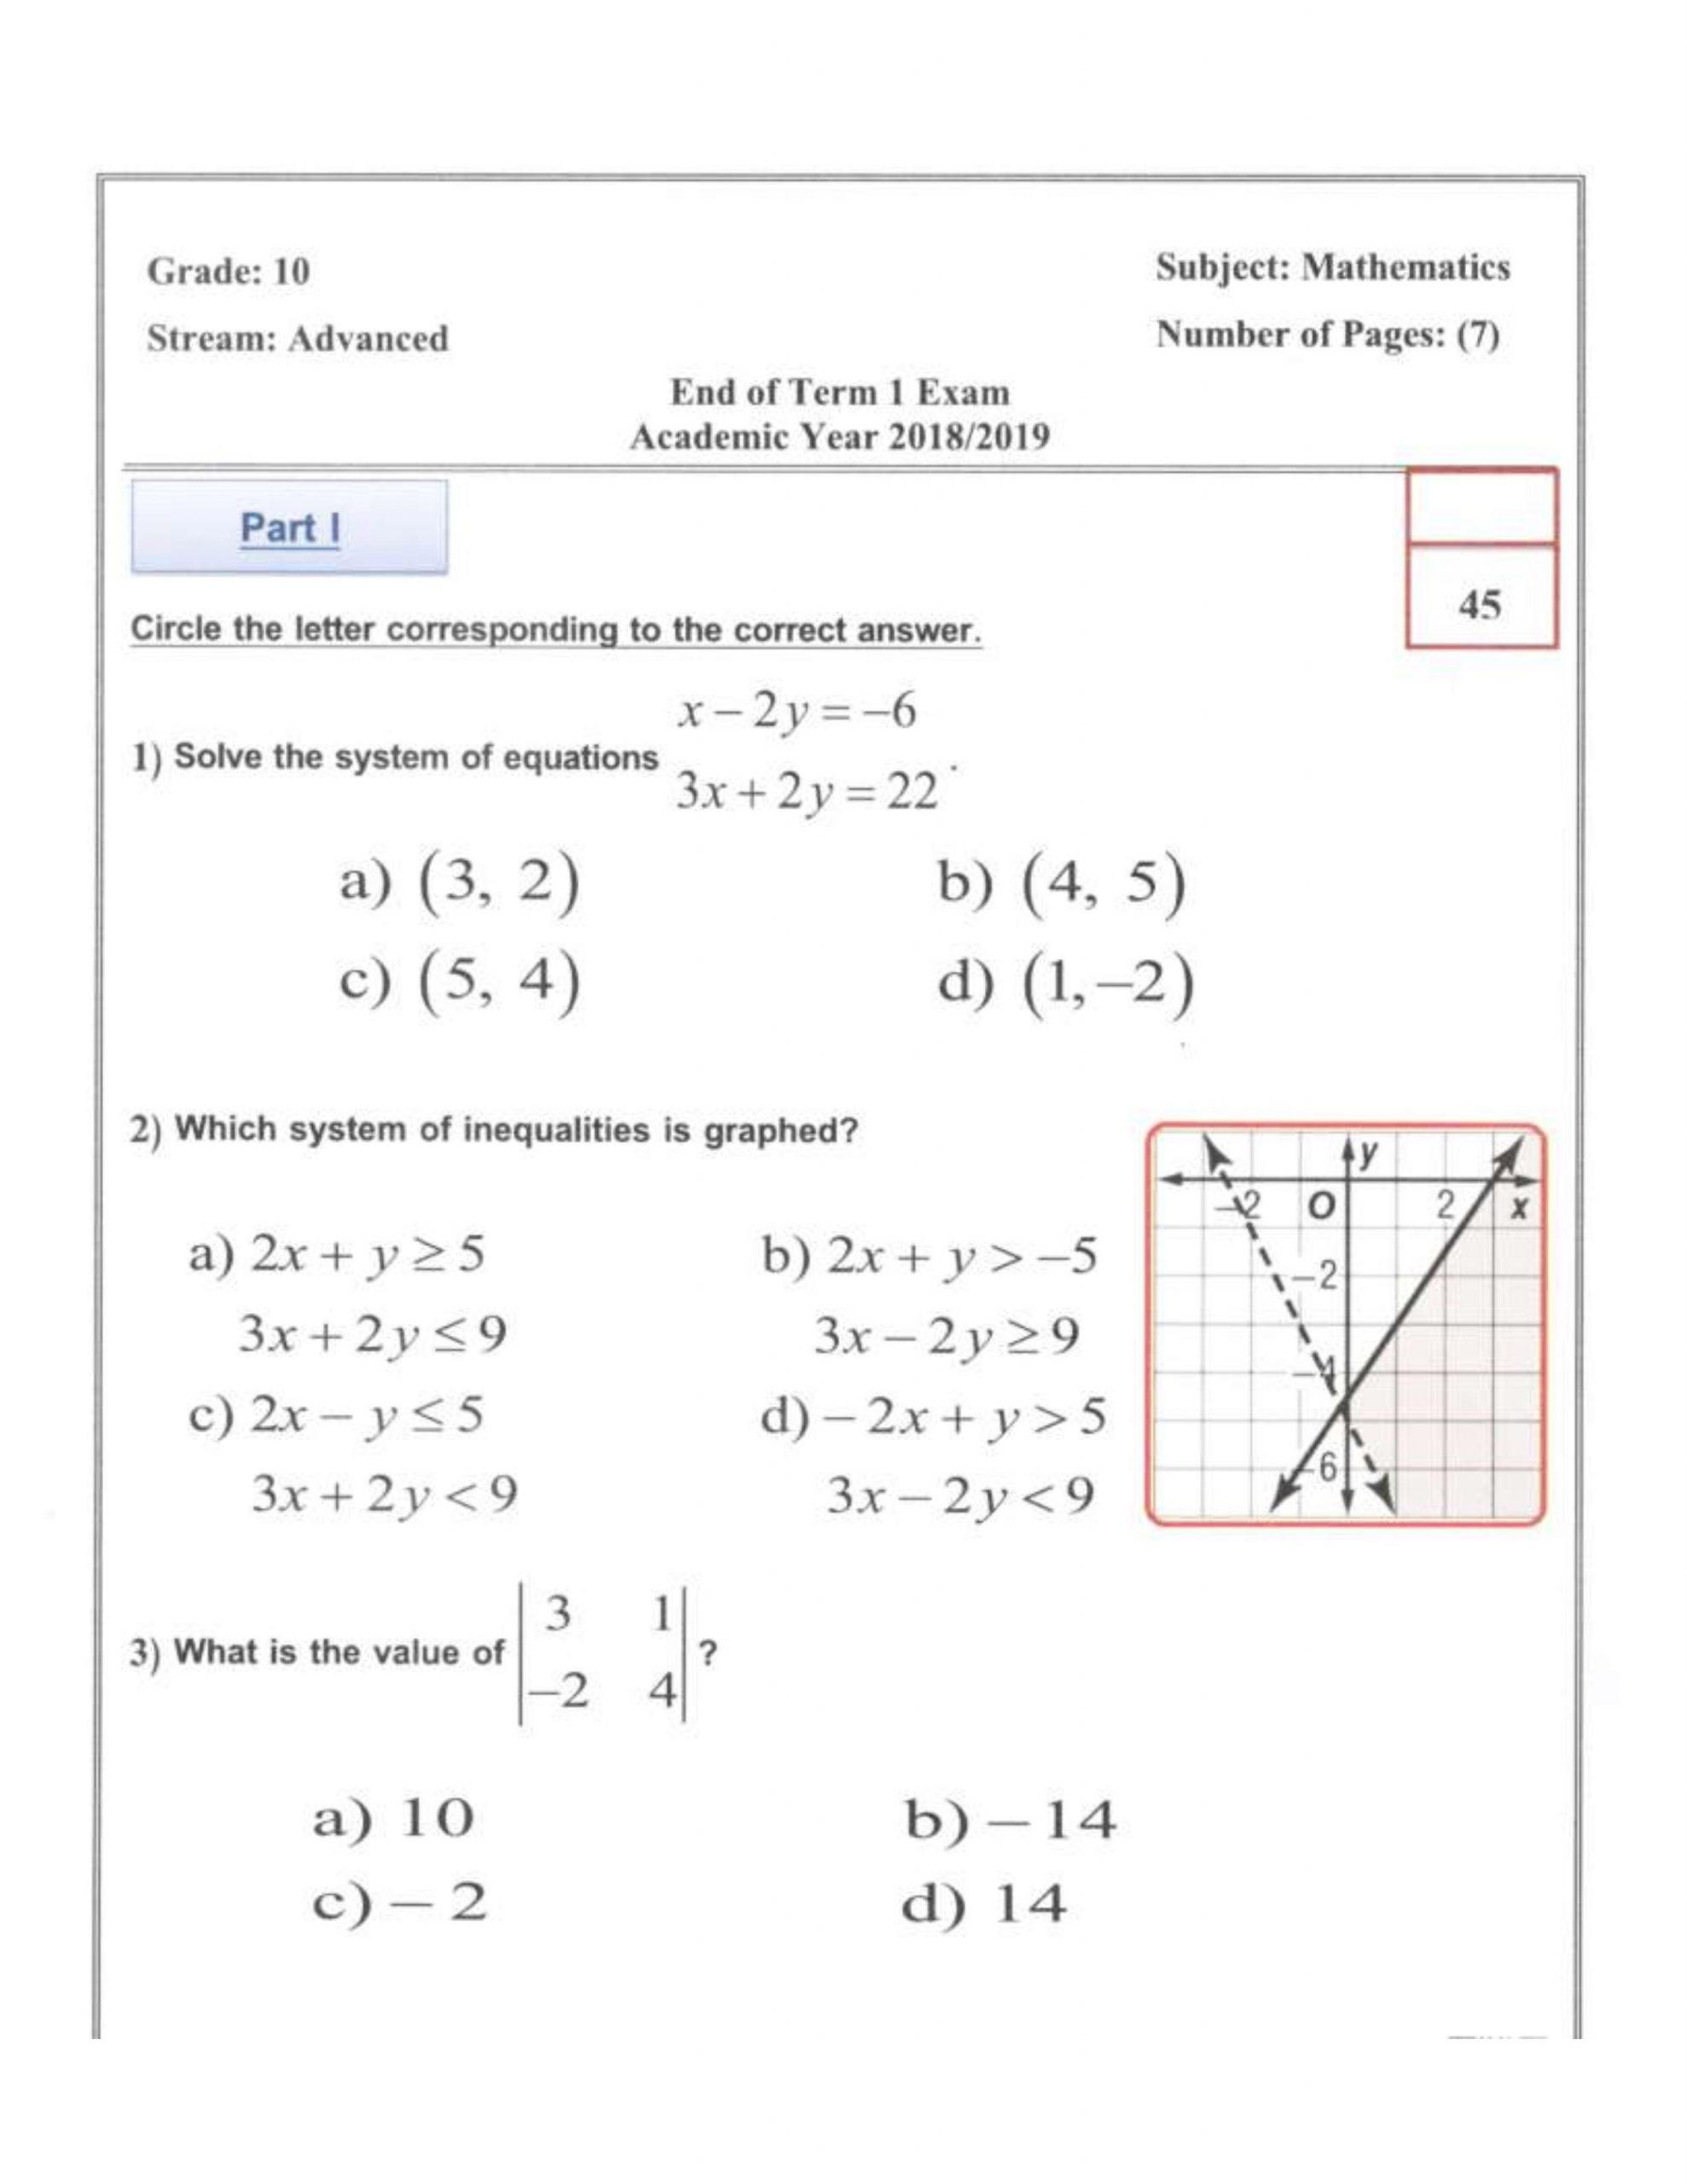 امتحان نهاية الفصل الدراسي الاول 2018 2019 بالانجليزي الصف العاشر متقدم مادة الرياضيات المتكاملة